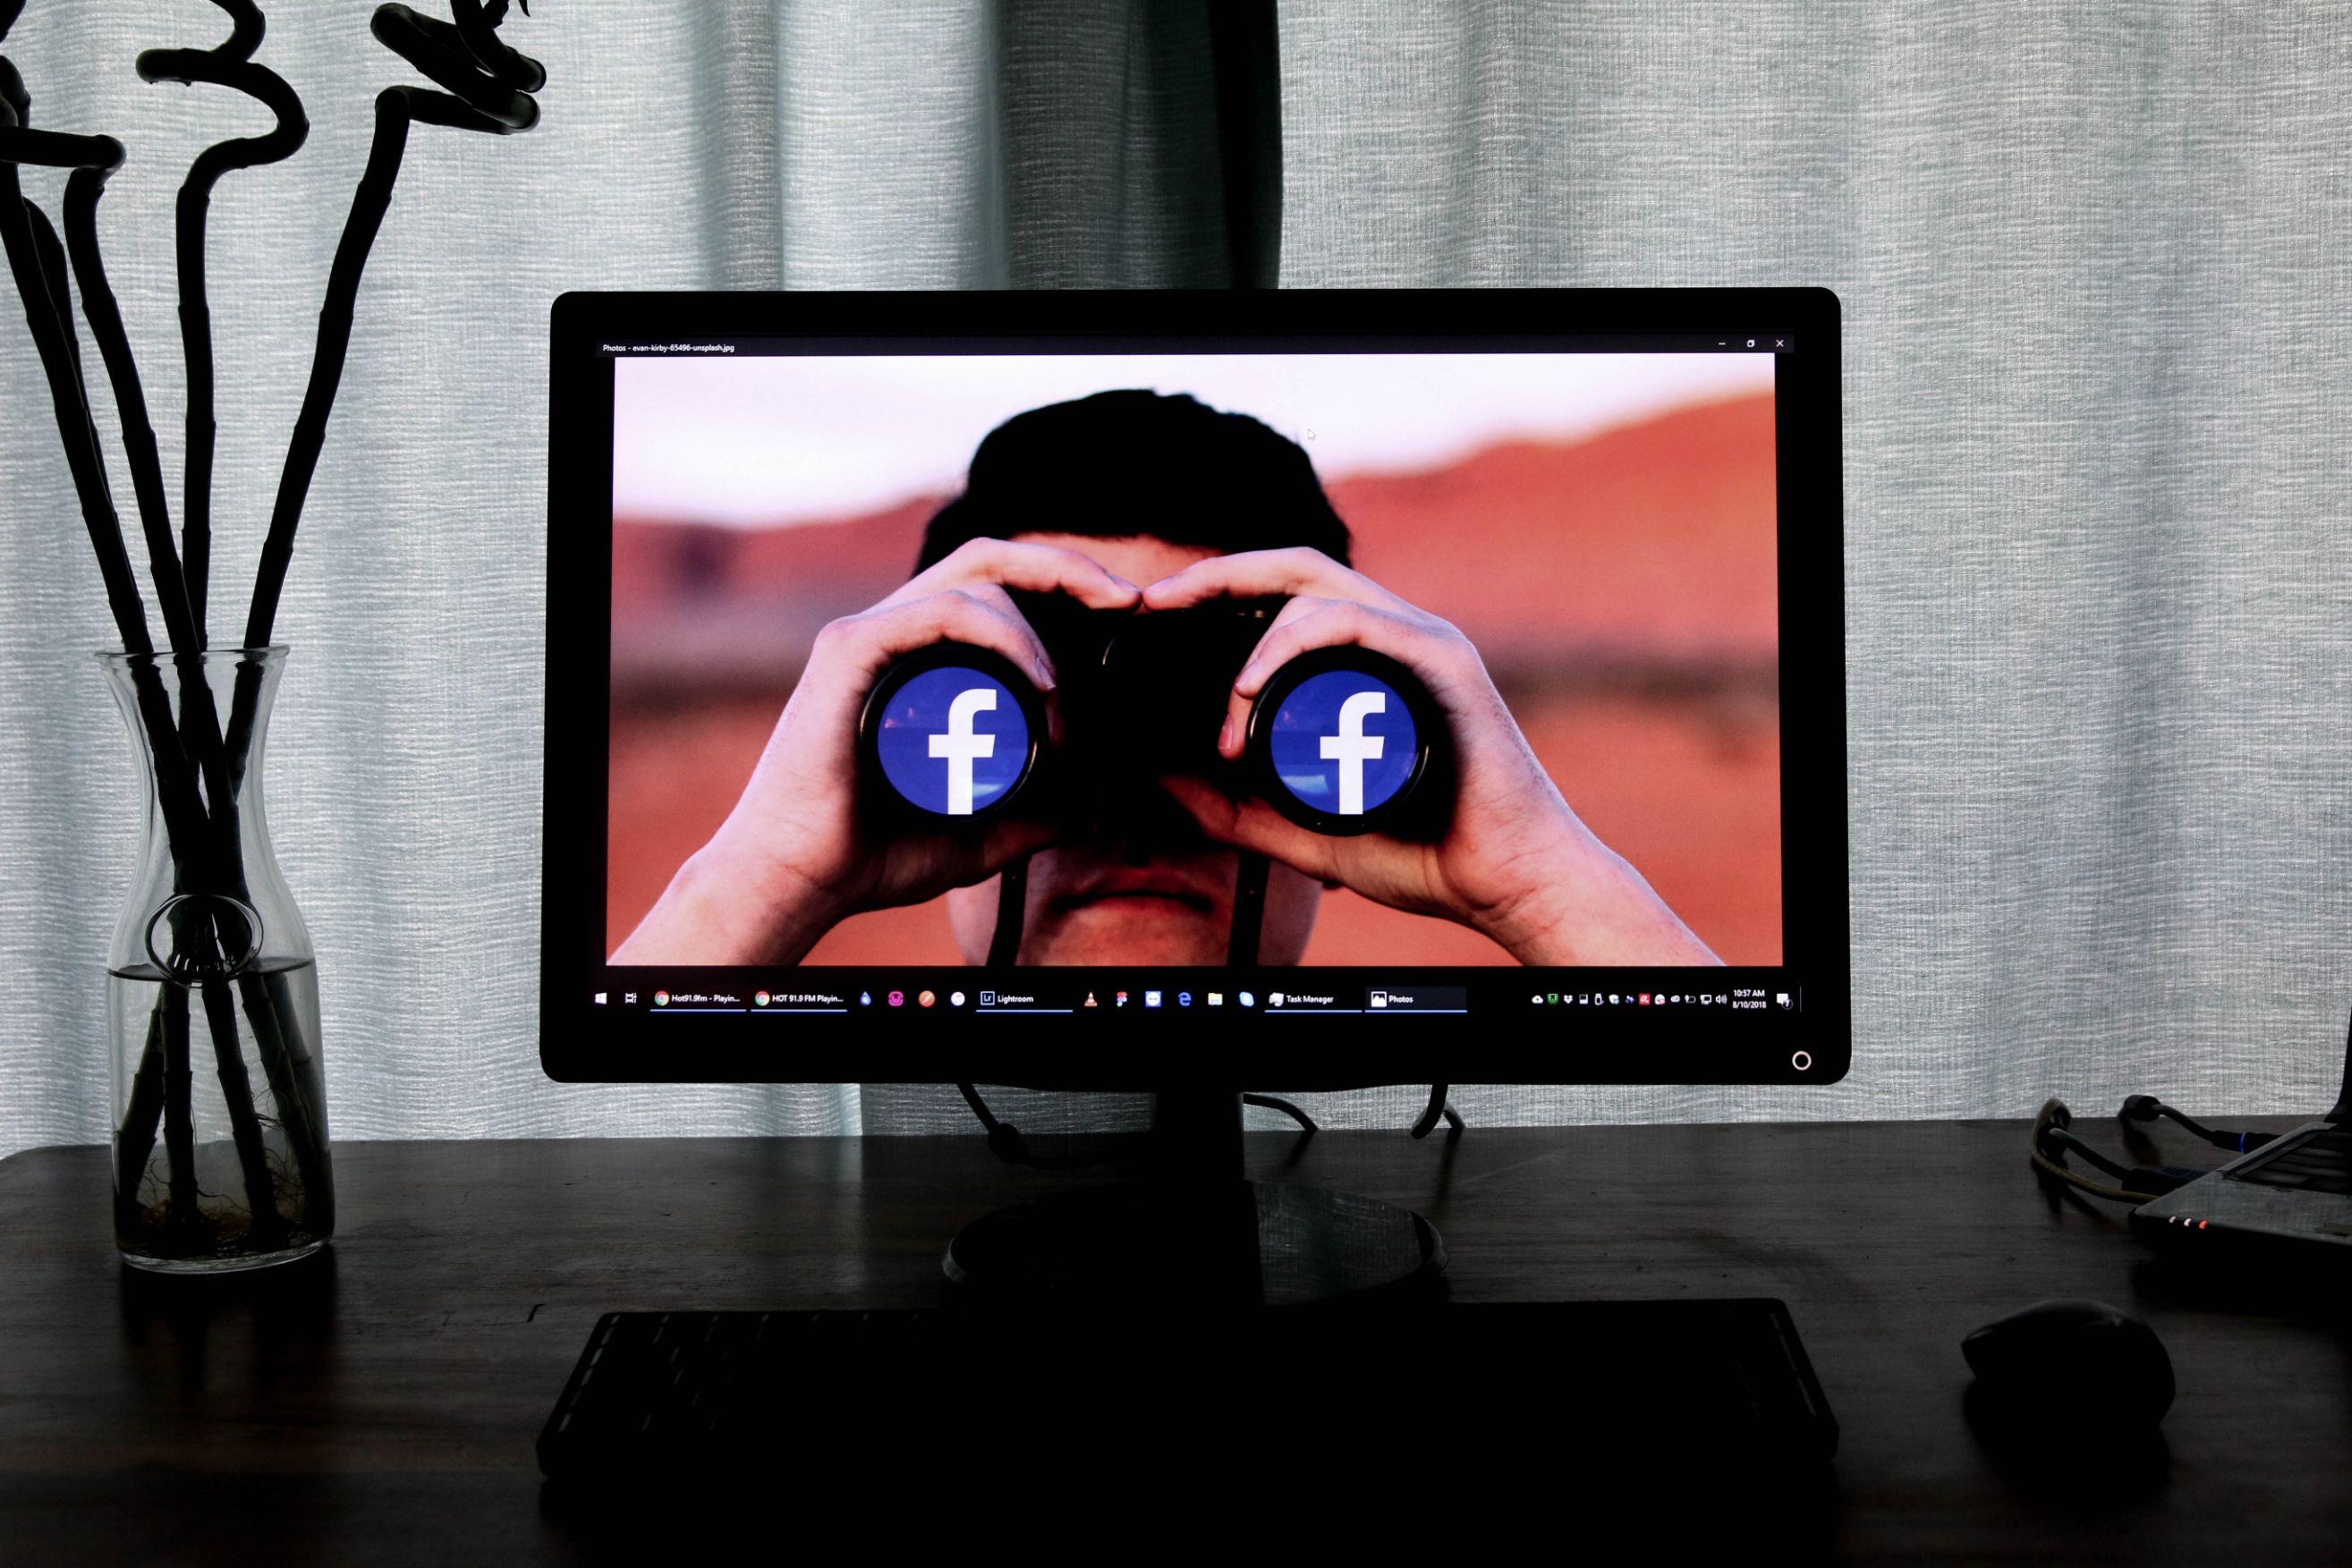 Jak prowadzić ciekawe konto na Facebooku? –  Przewodnik po Facebooku część 2.